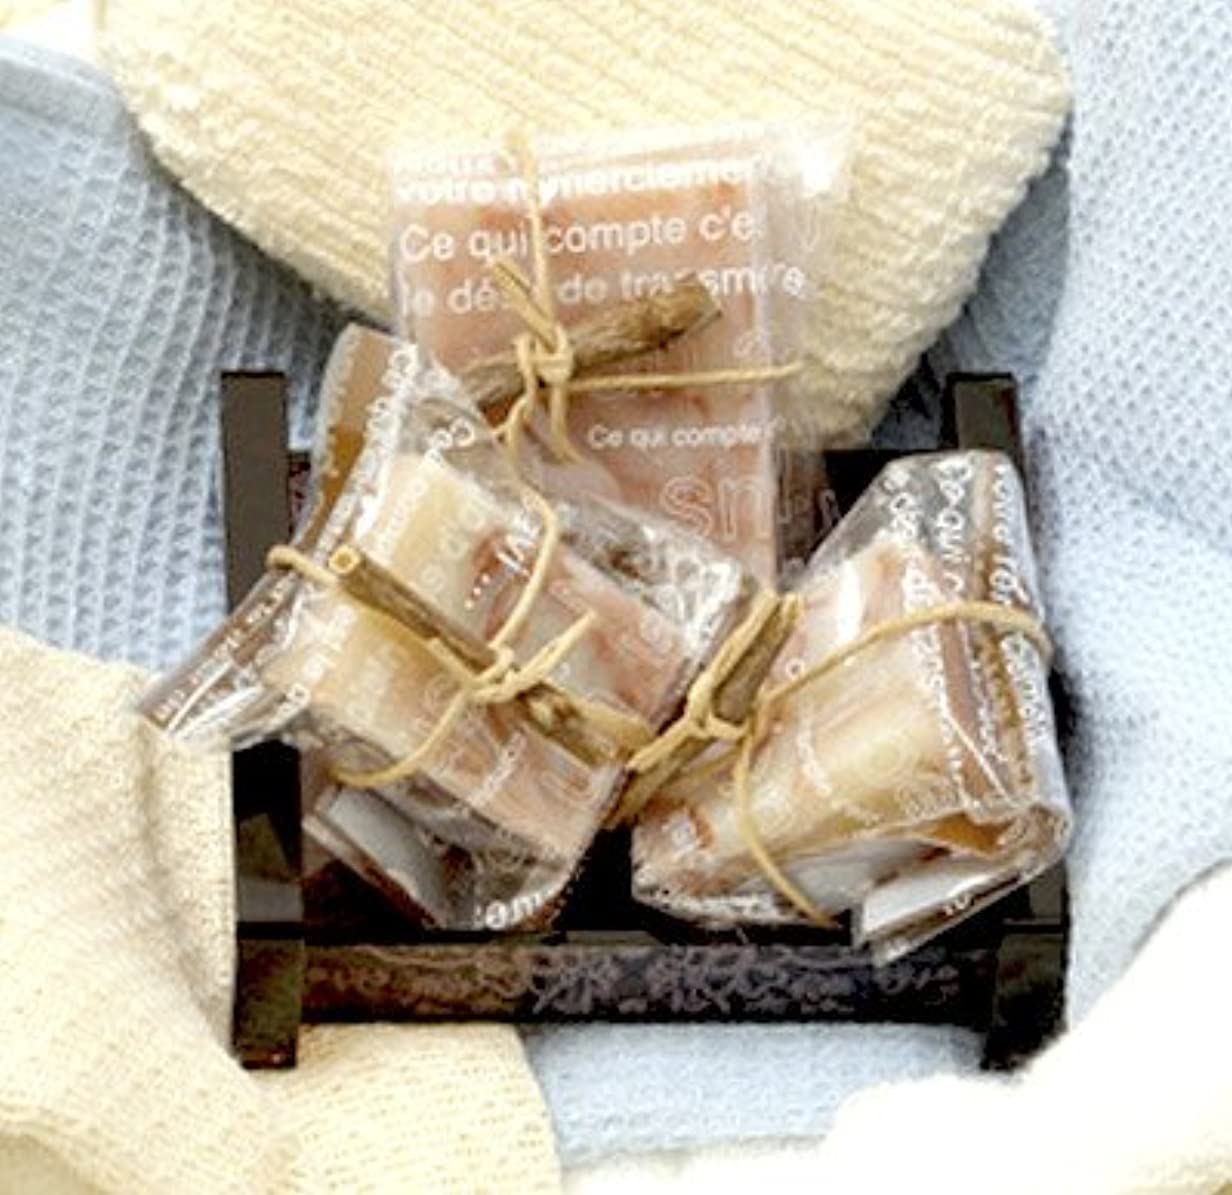 レスリングミリメーター解明能登ワインを配合した皮膚科医監修の無添加で肌にやさしい「純石けん」能登ワイン石けん〔80g×1、40g×2〕